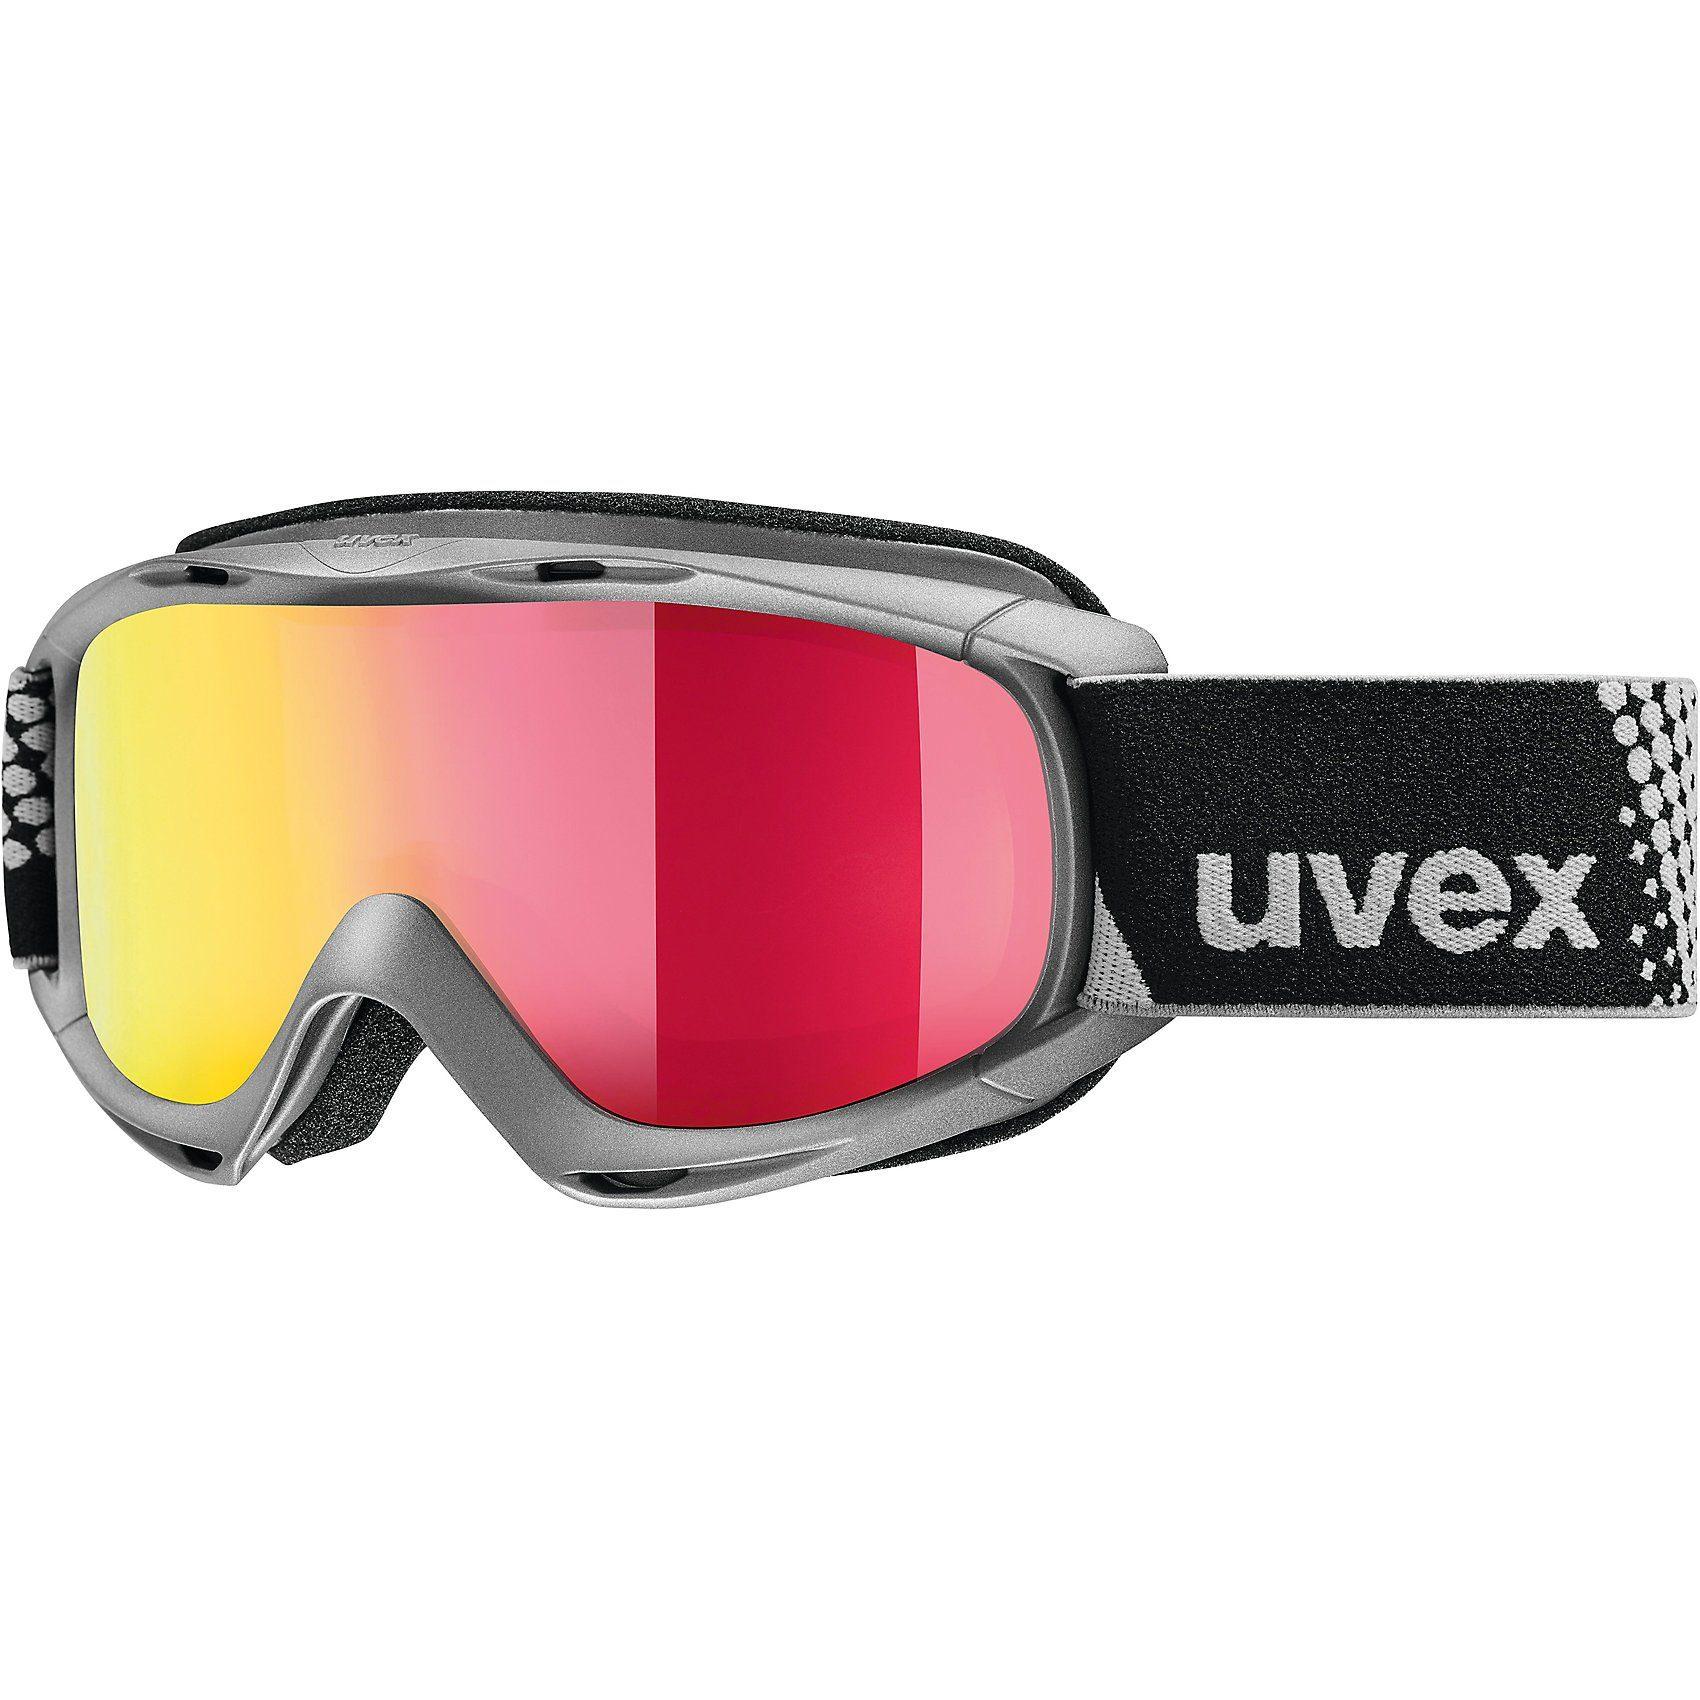 Uvex Skibrille slider FM, anthracite dl/red-lgl